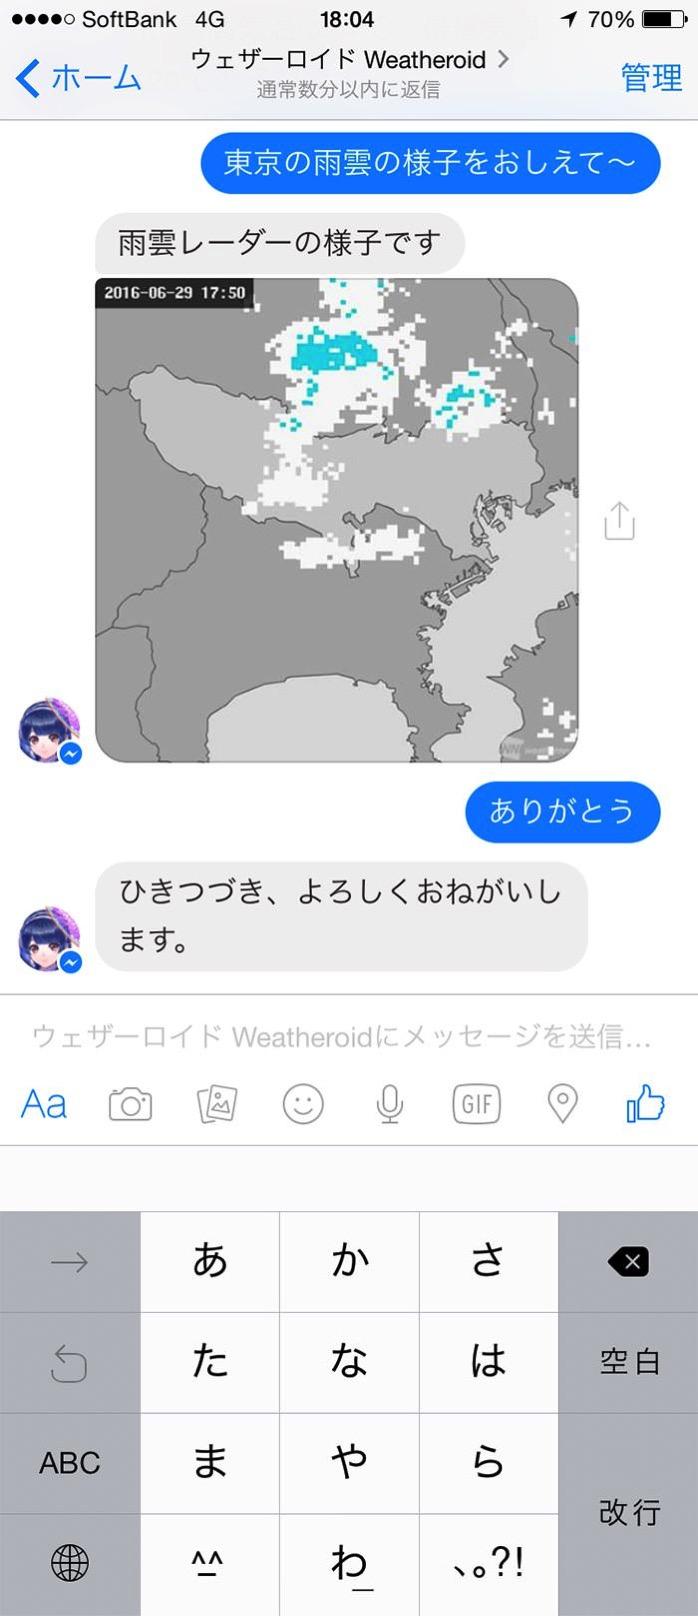 Weatheroid 5